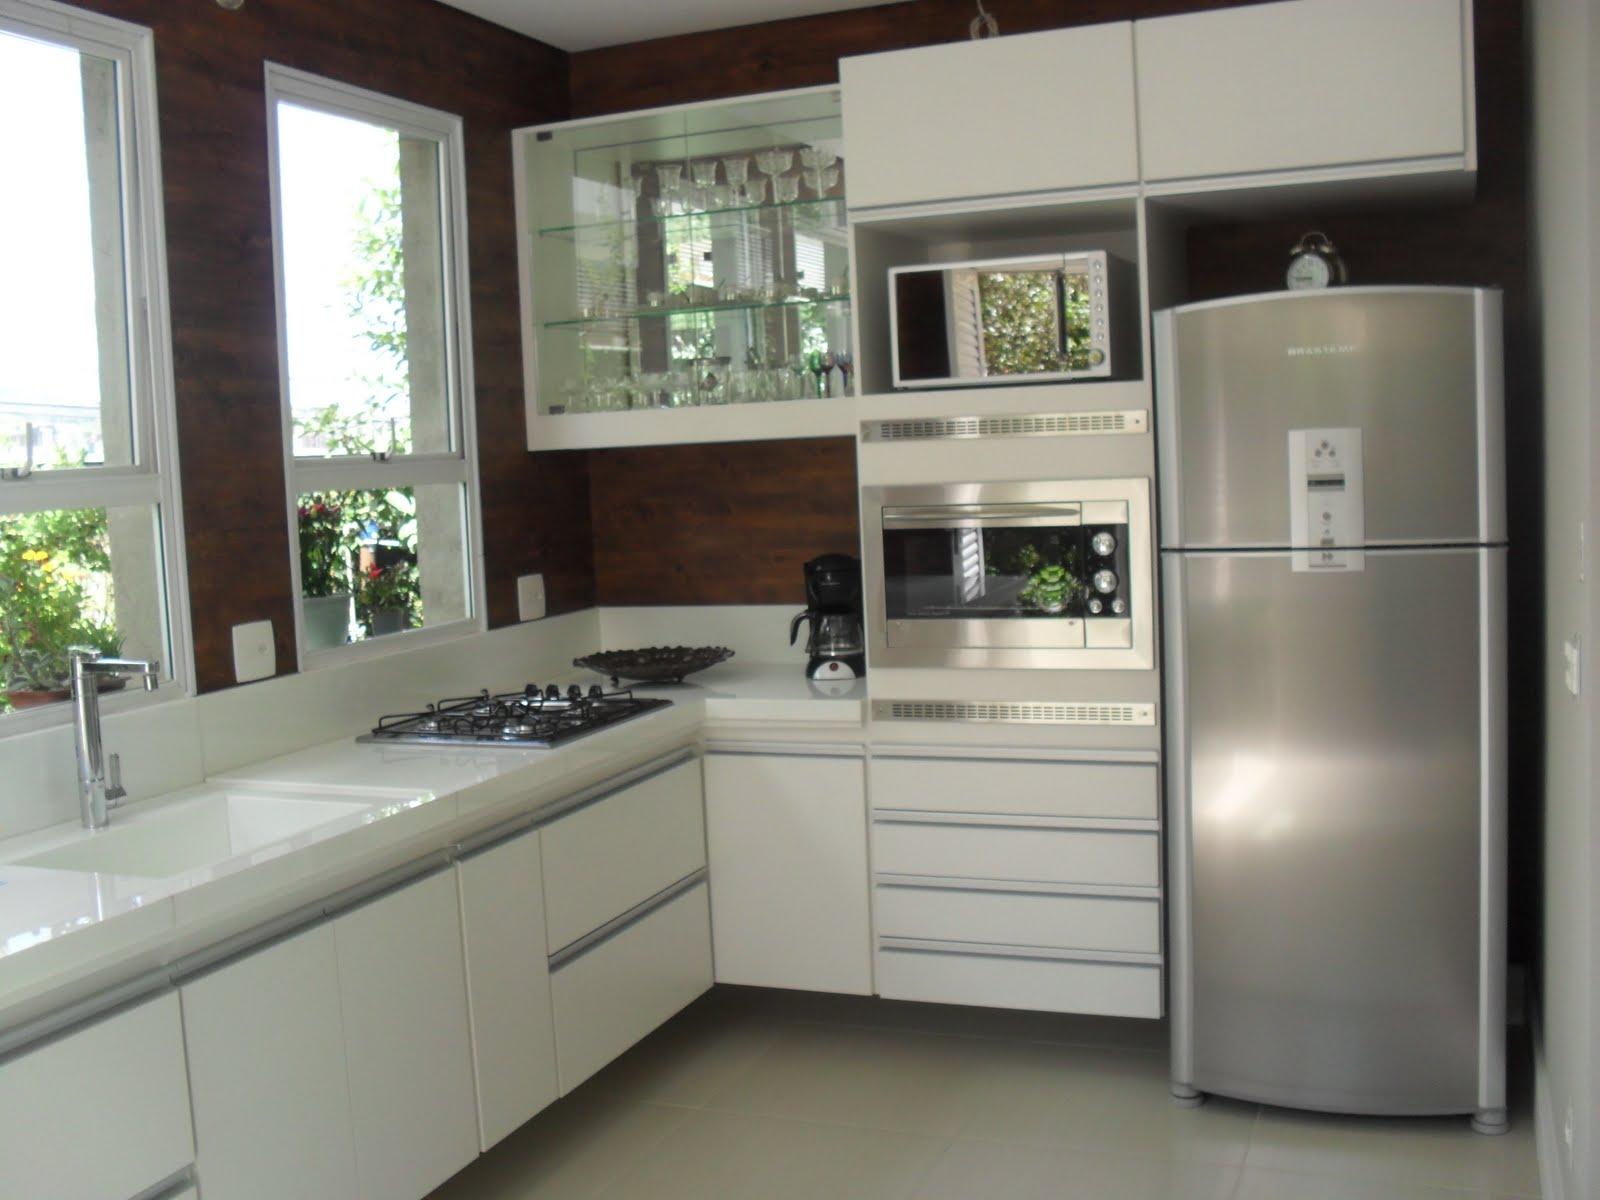 foto cozinha casa Thaís Designer de Interiores #312B26 1600 1200